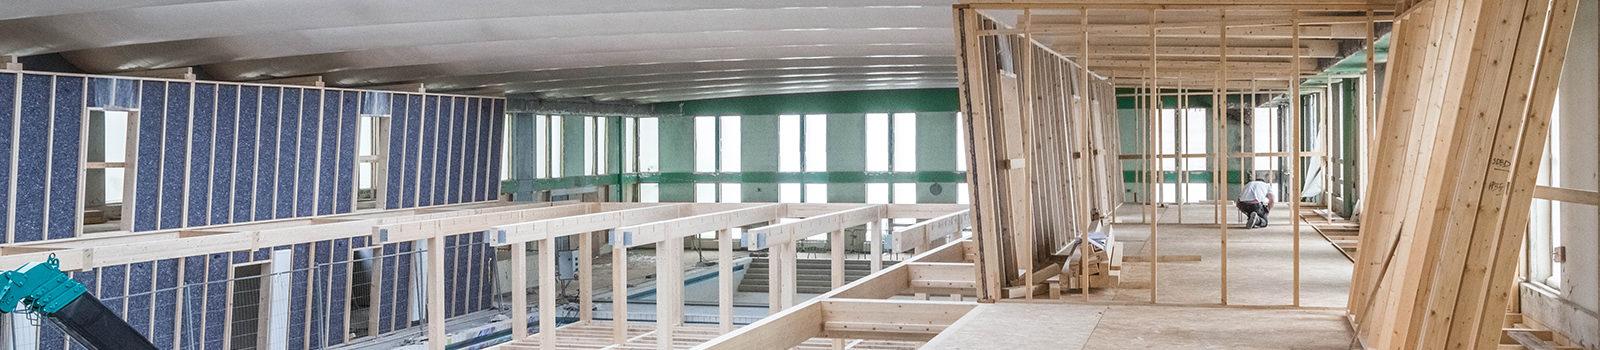 Accueil la piscine d 39 en face - Piscine de ste genevieve des bois ...